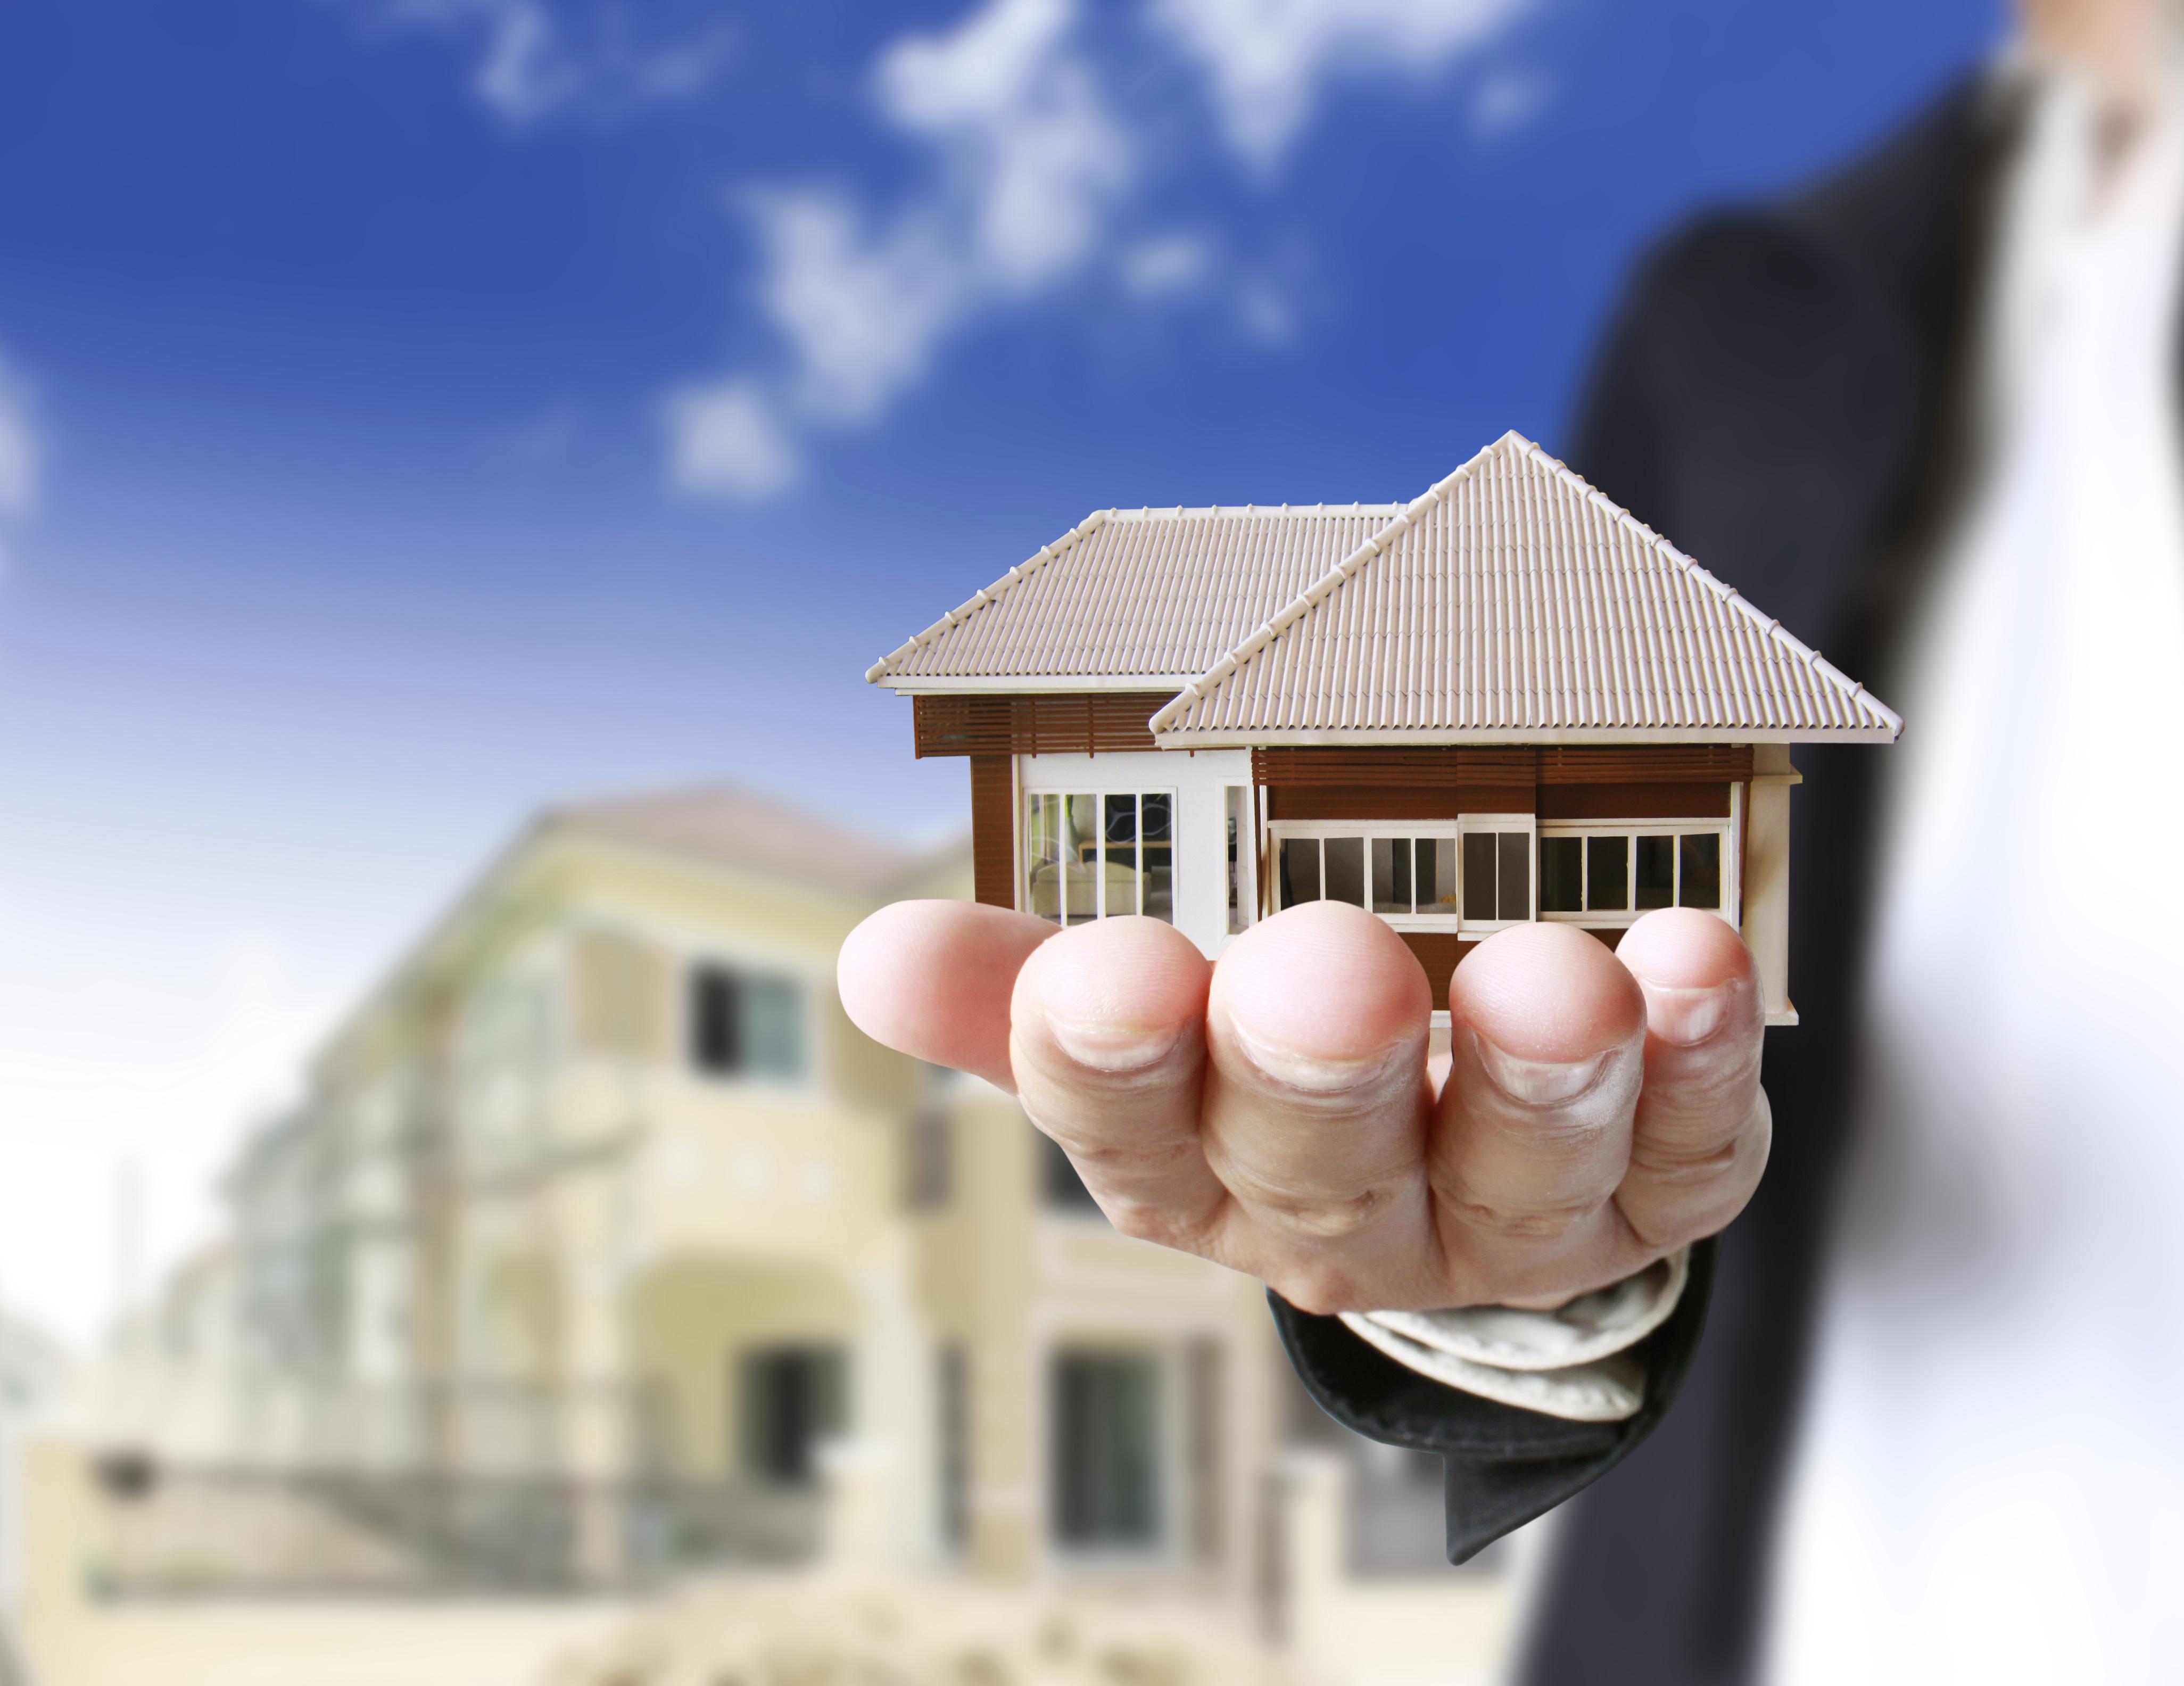 Какие факторы влияют на оценку недвижимости предприятия?